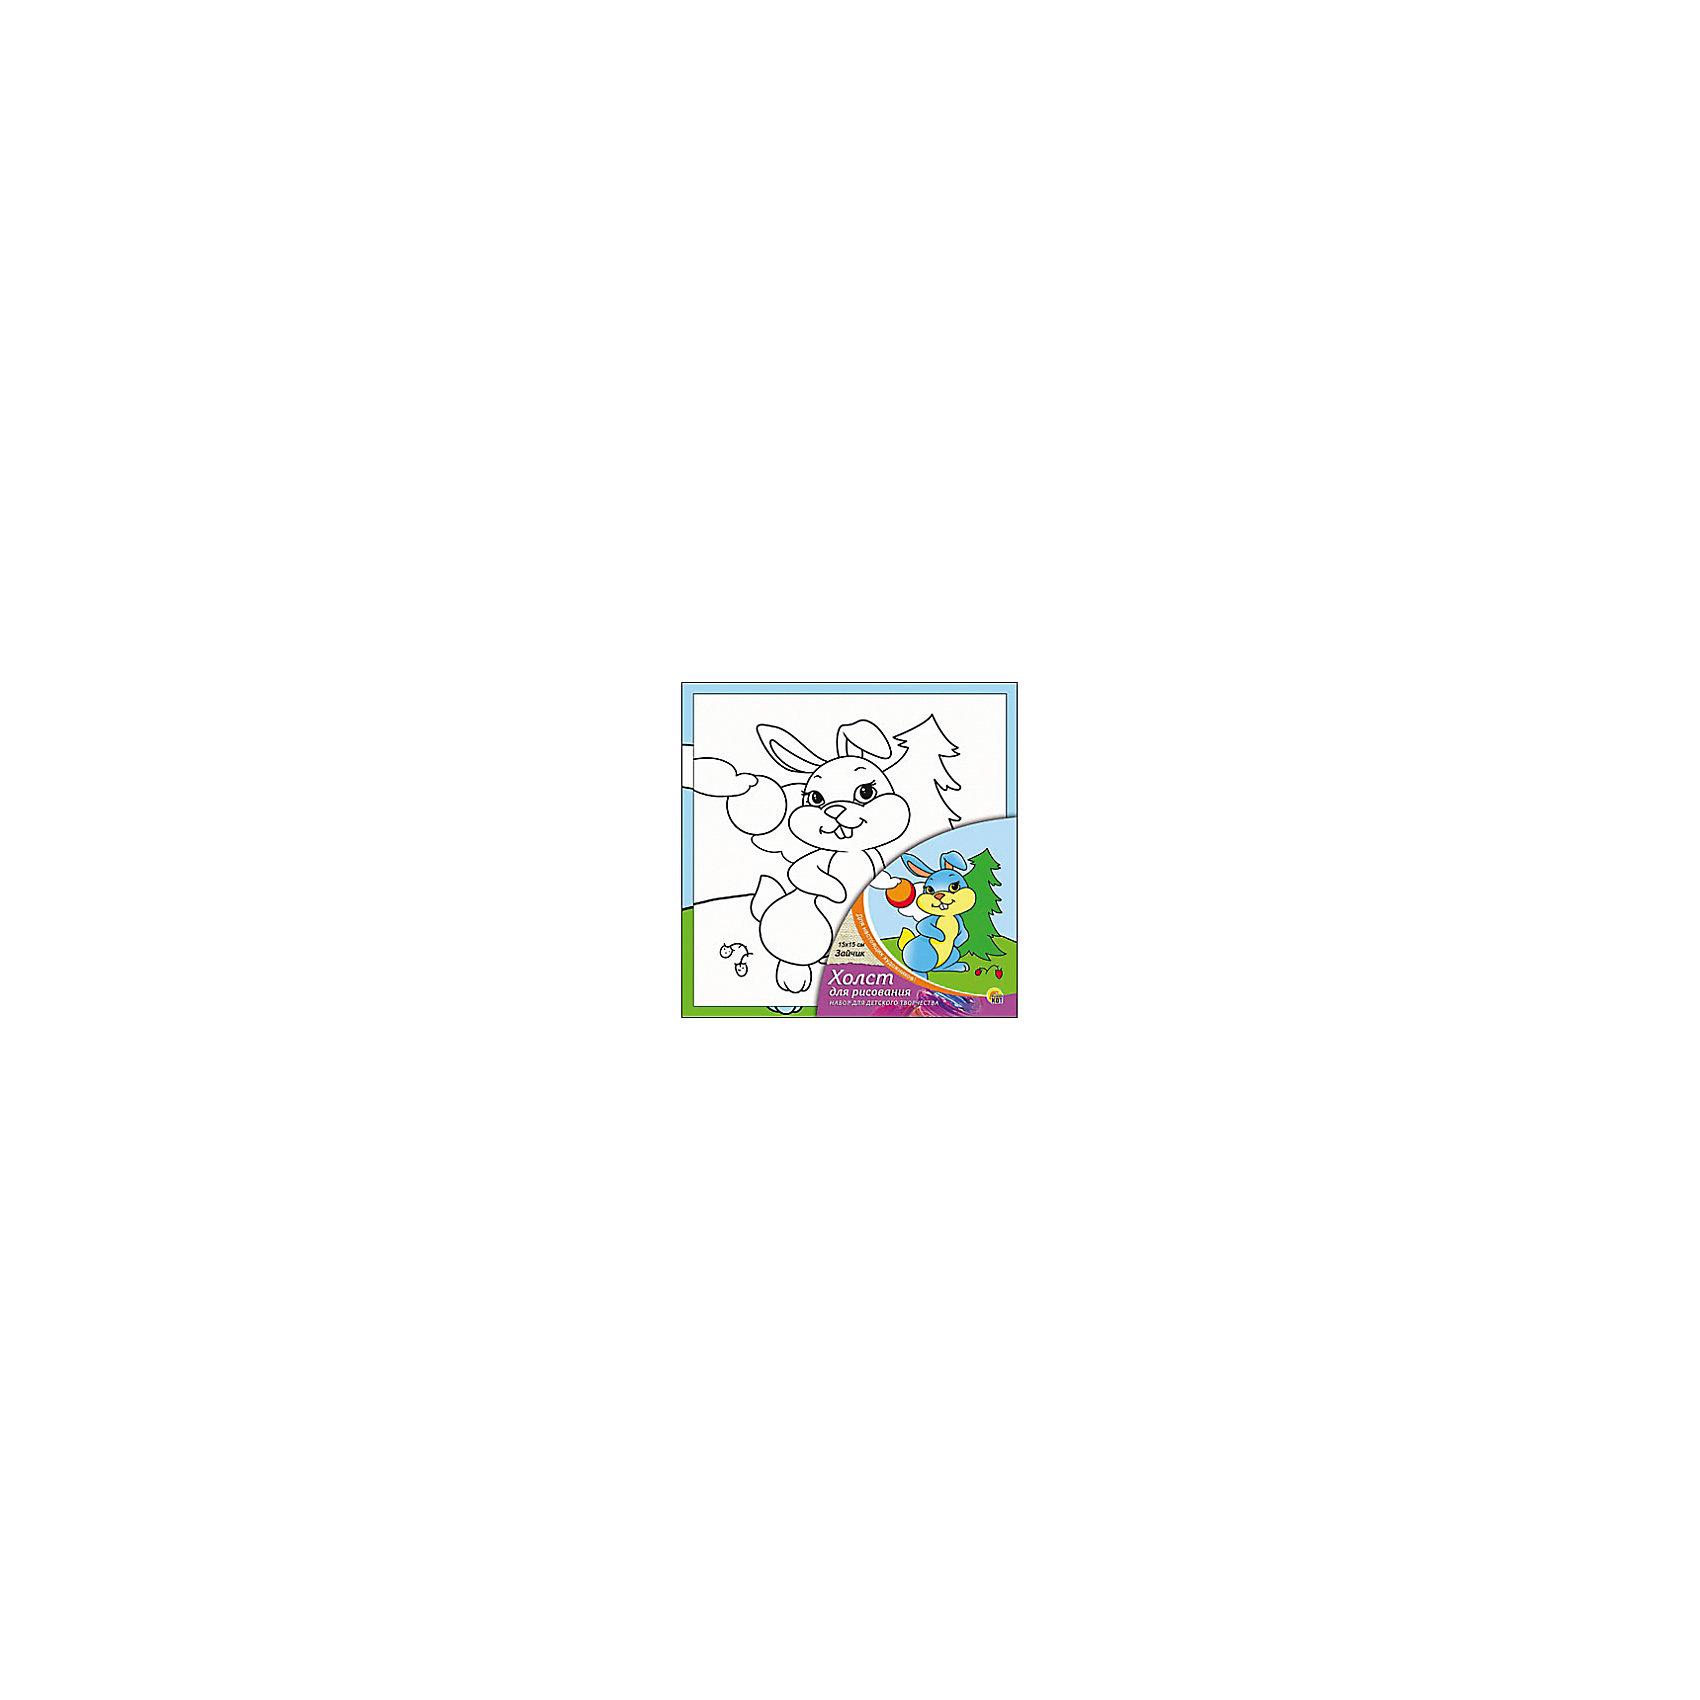 Холст с красками Зайчик 15х15 см.Рисование<br>замечательные наборы для создания уникального шедевра изобразительного искусства. Создание картин на специально подготовленной рабочей поверхности – это уникальная техника, позволяющая делать Ваши шедевры более яркими и реалистичными. Просто нанесите мазки на уже готовый эскиз и оживите картину! Готовые изделия могут стать украшением интерьера или прекрасным подарком близким и друзьям.<br><br>Ширина мм: 150<br>Глубина мм: 150<br>Высота мм: 15<br>Вес г: 838<br>Возраст от месяцев: 36<br>Возраст до месяцев: 108<br>Пол: Унисекс<br>Возраст: Детский<br>SKU: 5096732